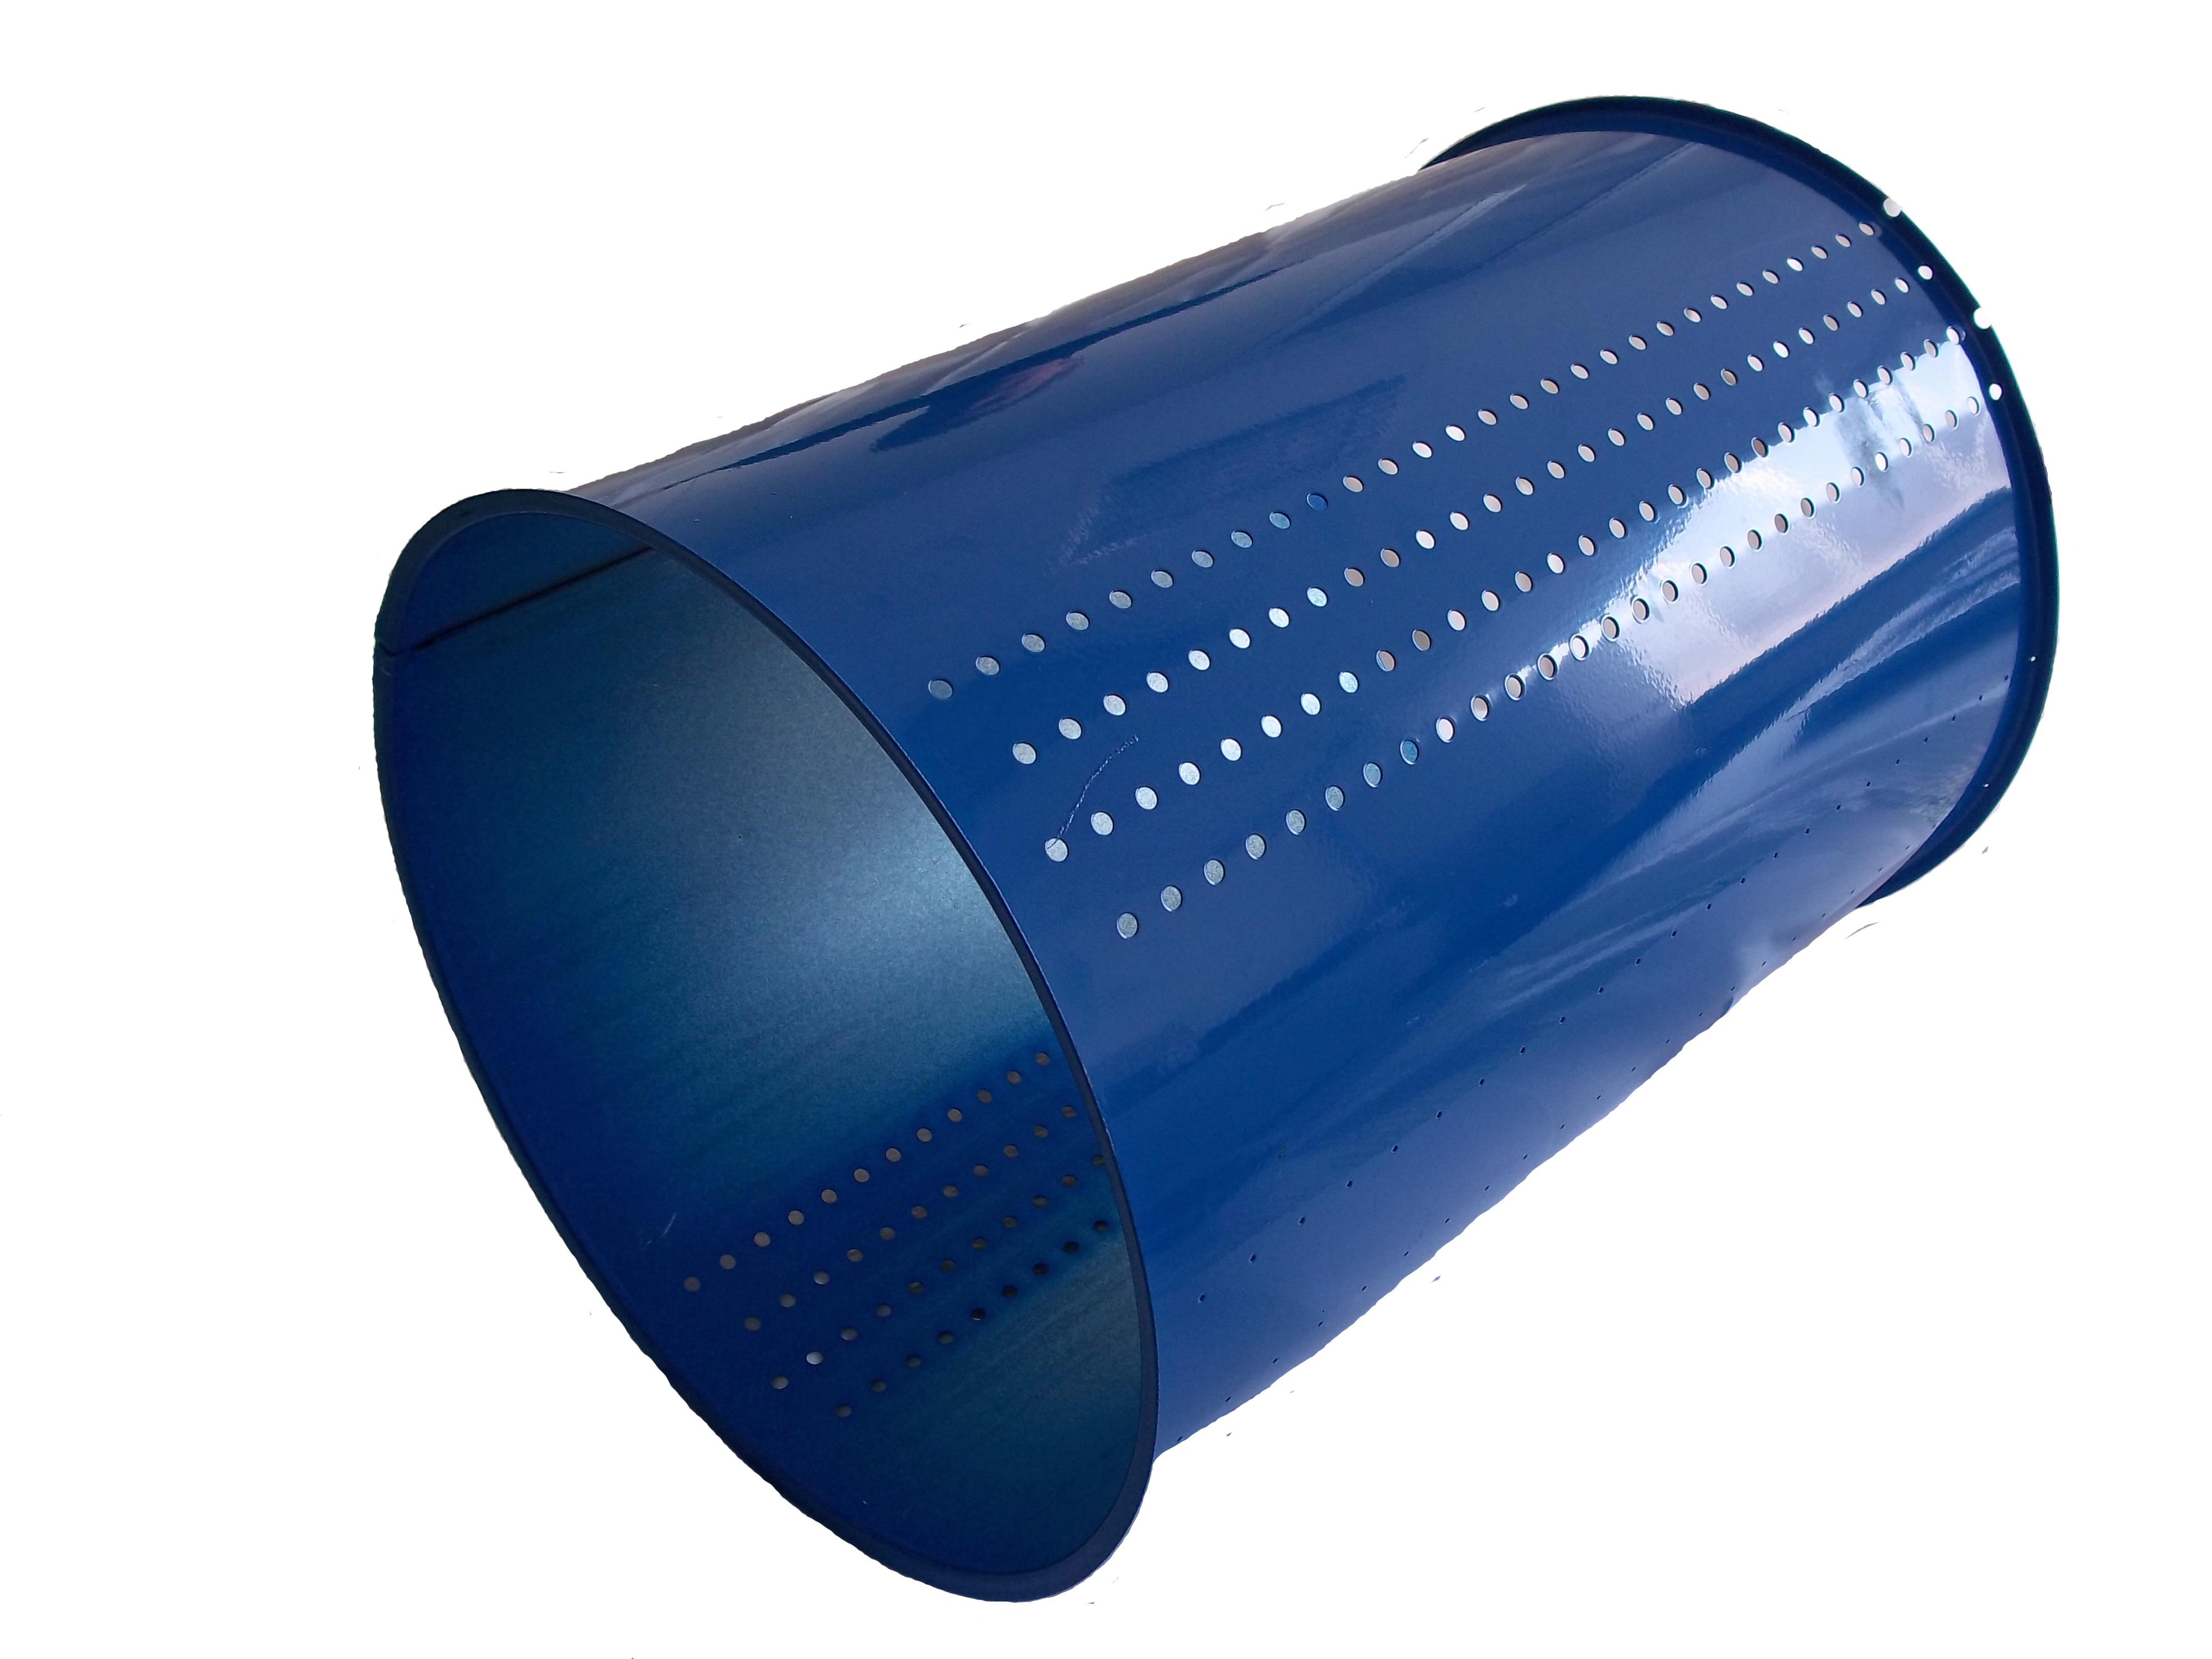 Tubo microforato termosifoni in ghisa scheda tecnica for Tubo irrigazione leroy merlin